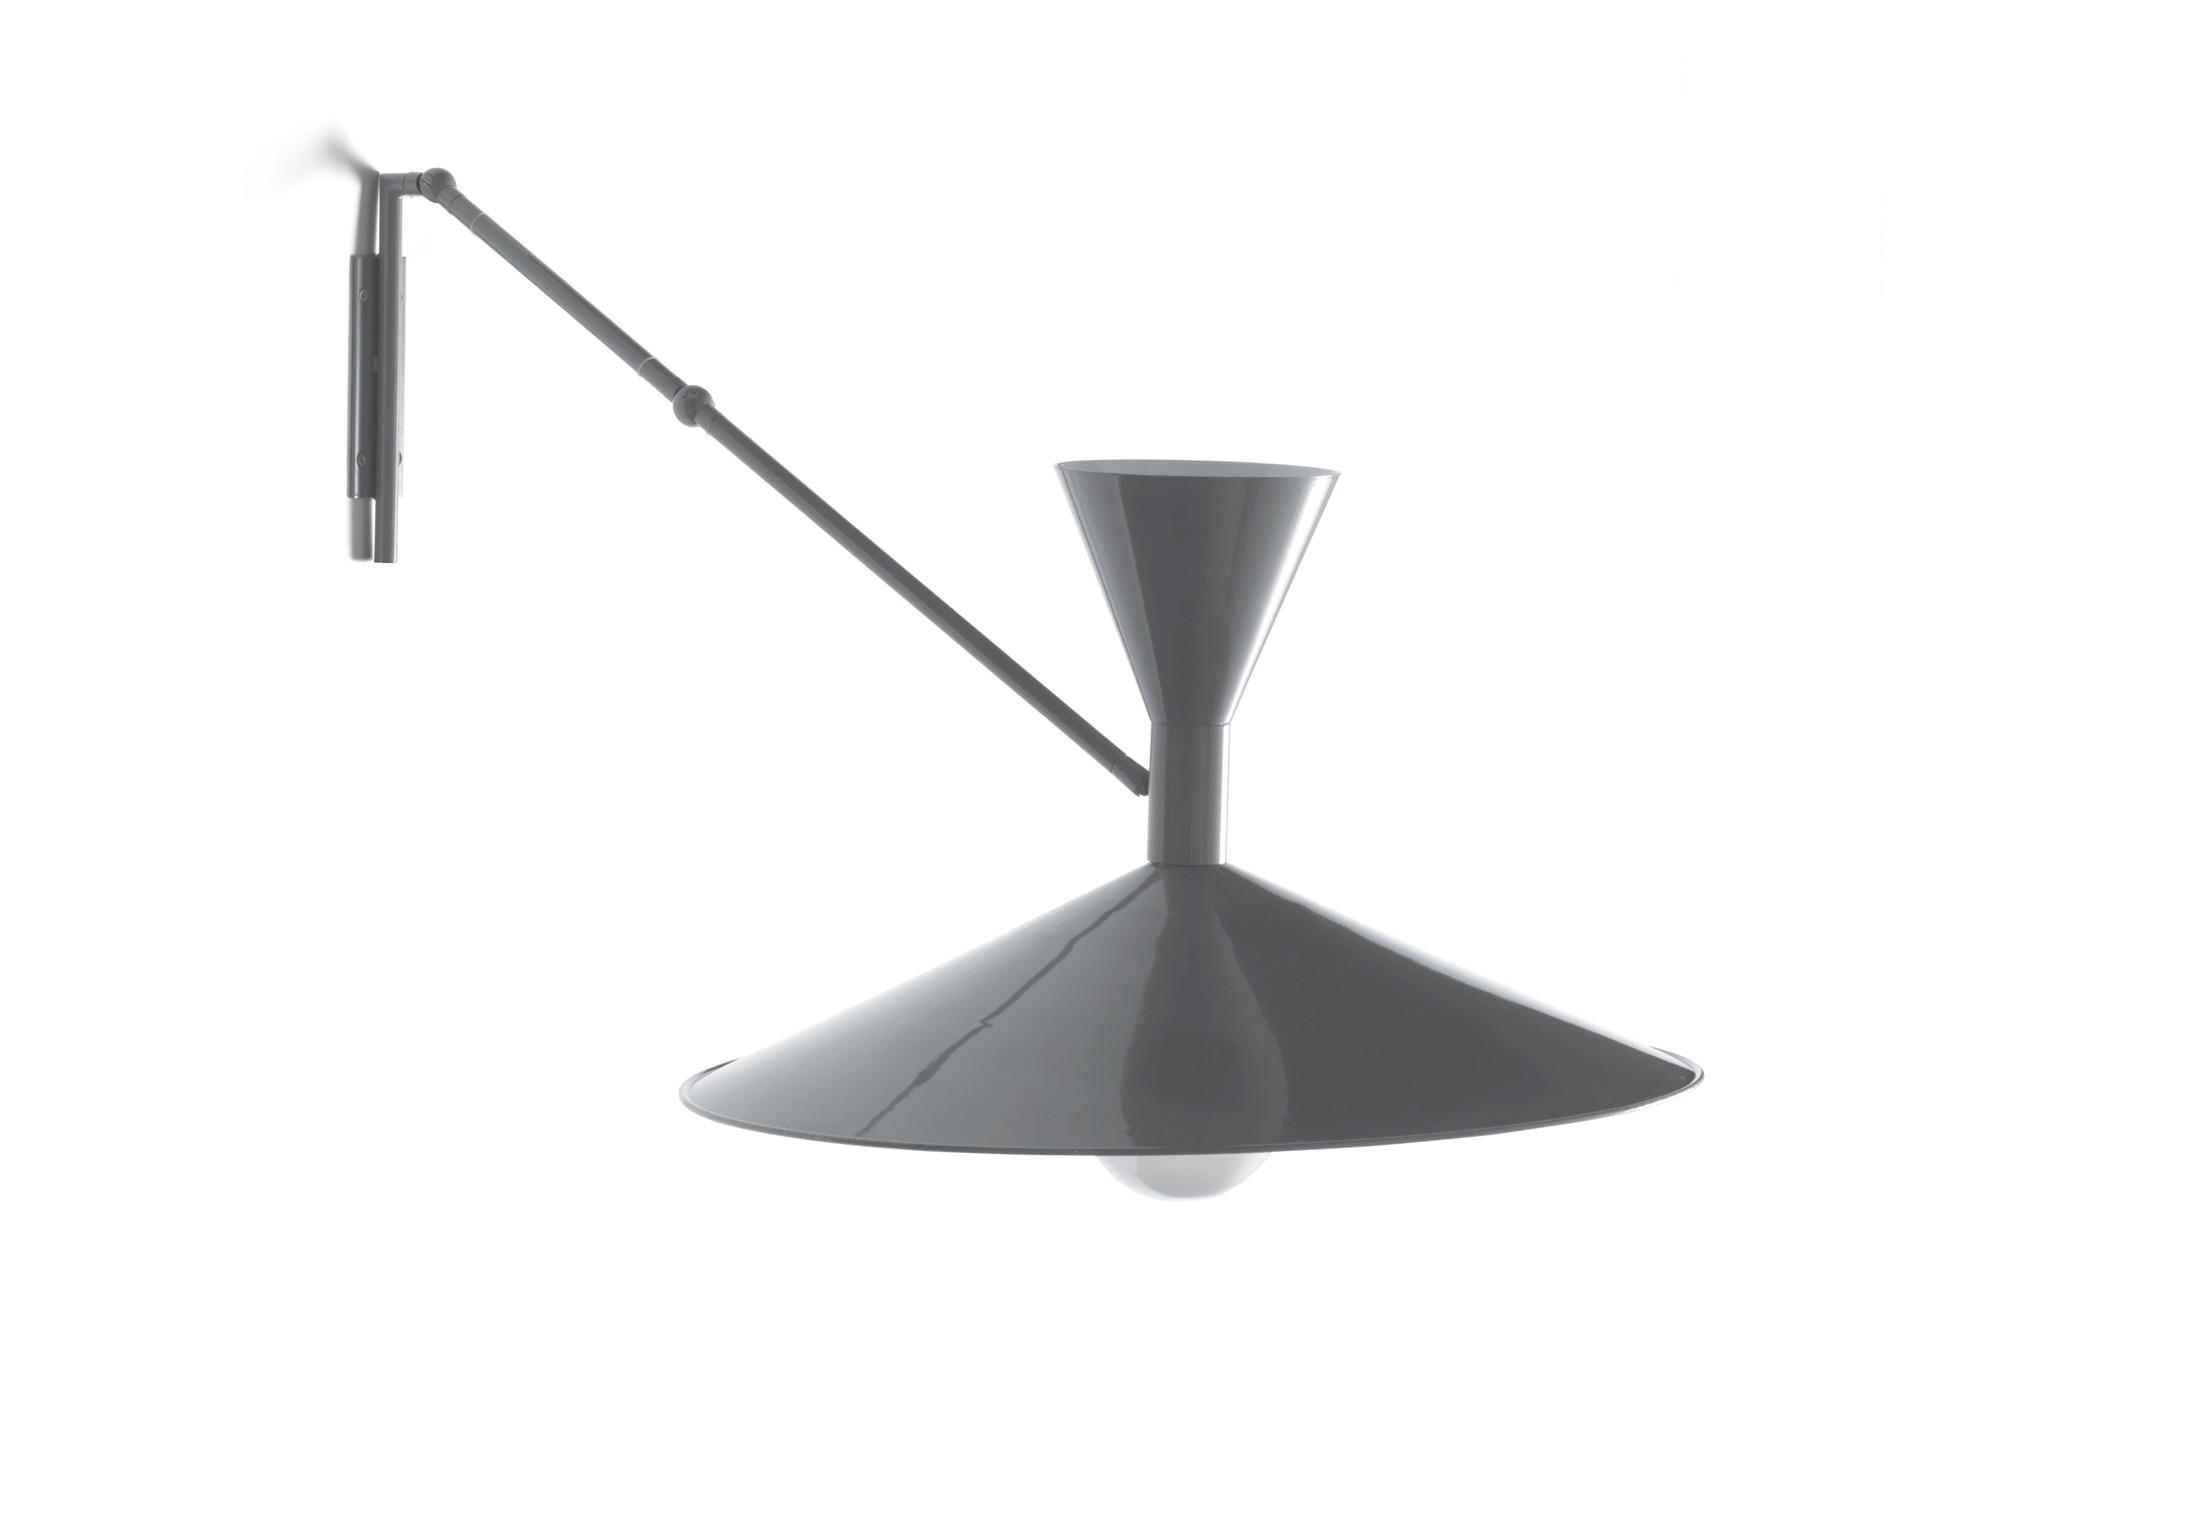 Lampe Salle De Bain Avec Interrupteur : LAMPE DE MARSEILLE – Carrerouge: luminaires et mobilier de design …